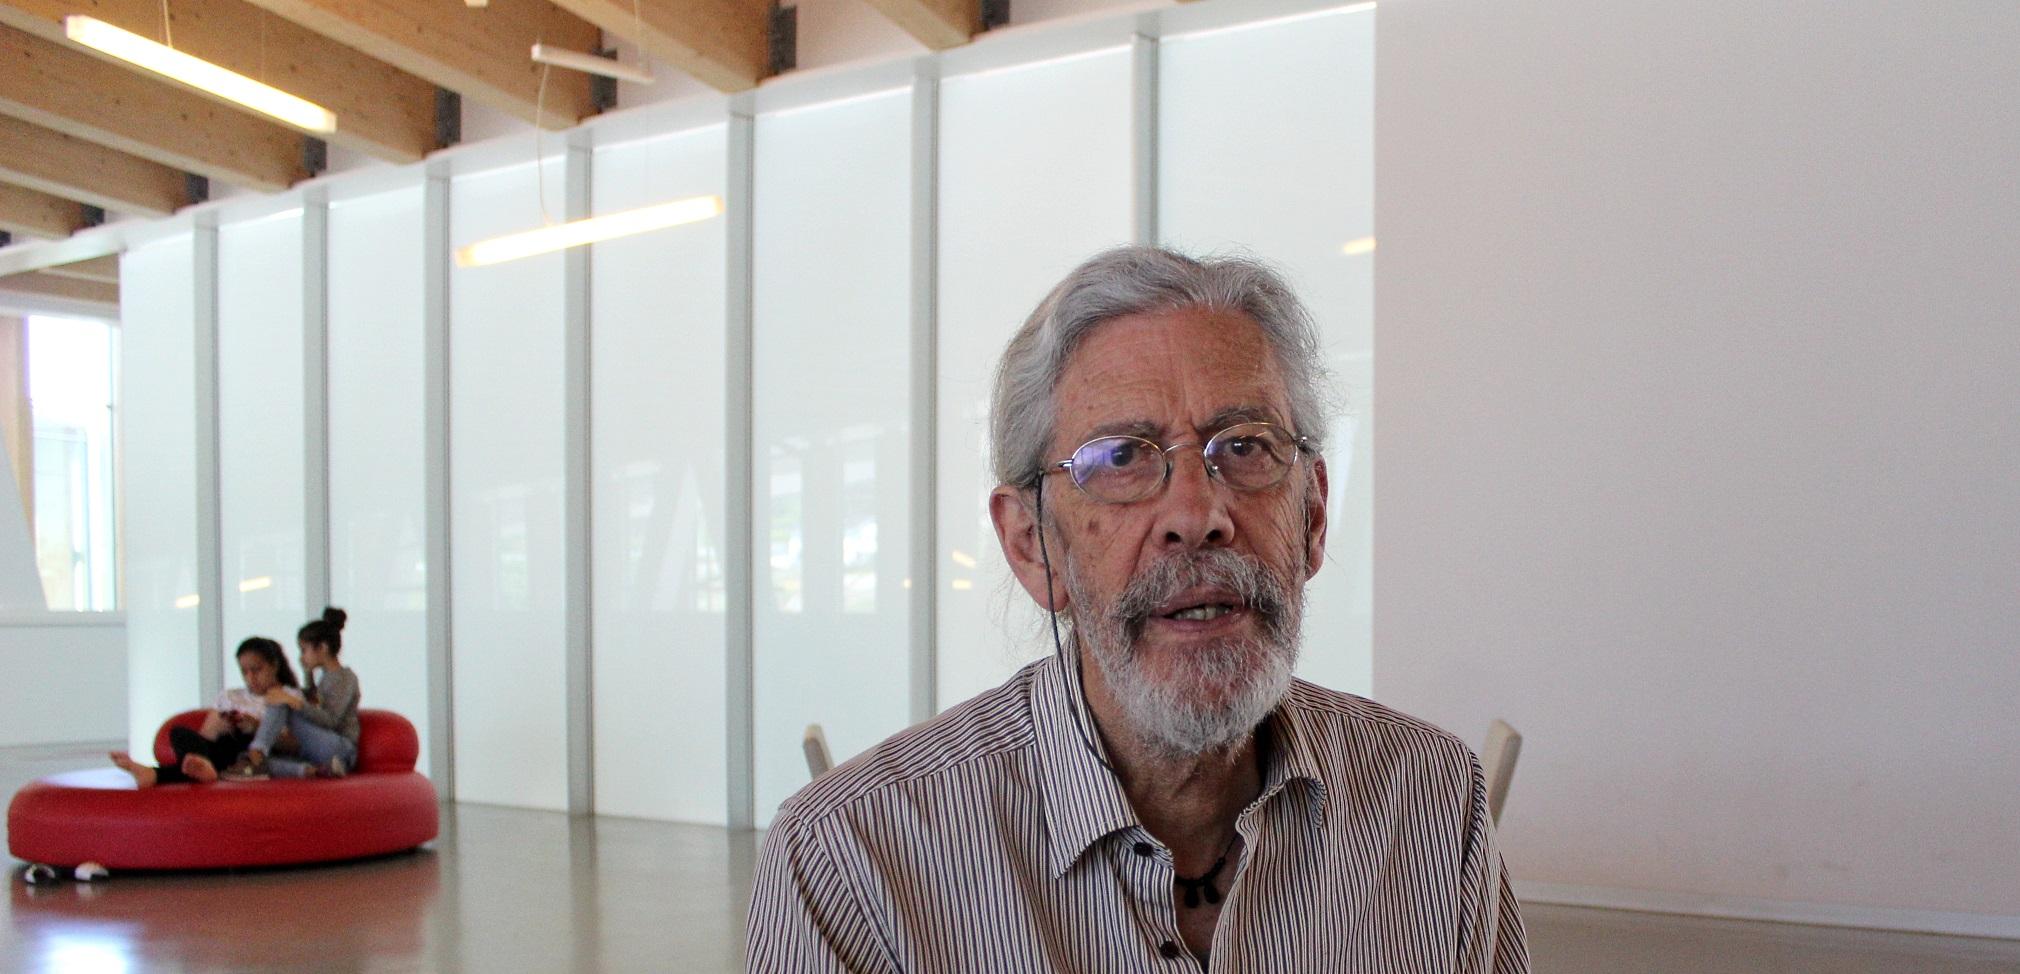 Tomás Rodríguez-Villasante. 1946, Galiza. Profesor emérito na Facultade de Ciencias Políticas e Socioloxía da Universidade Complutense.